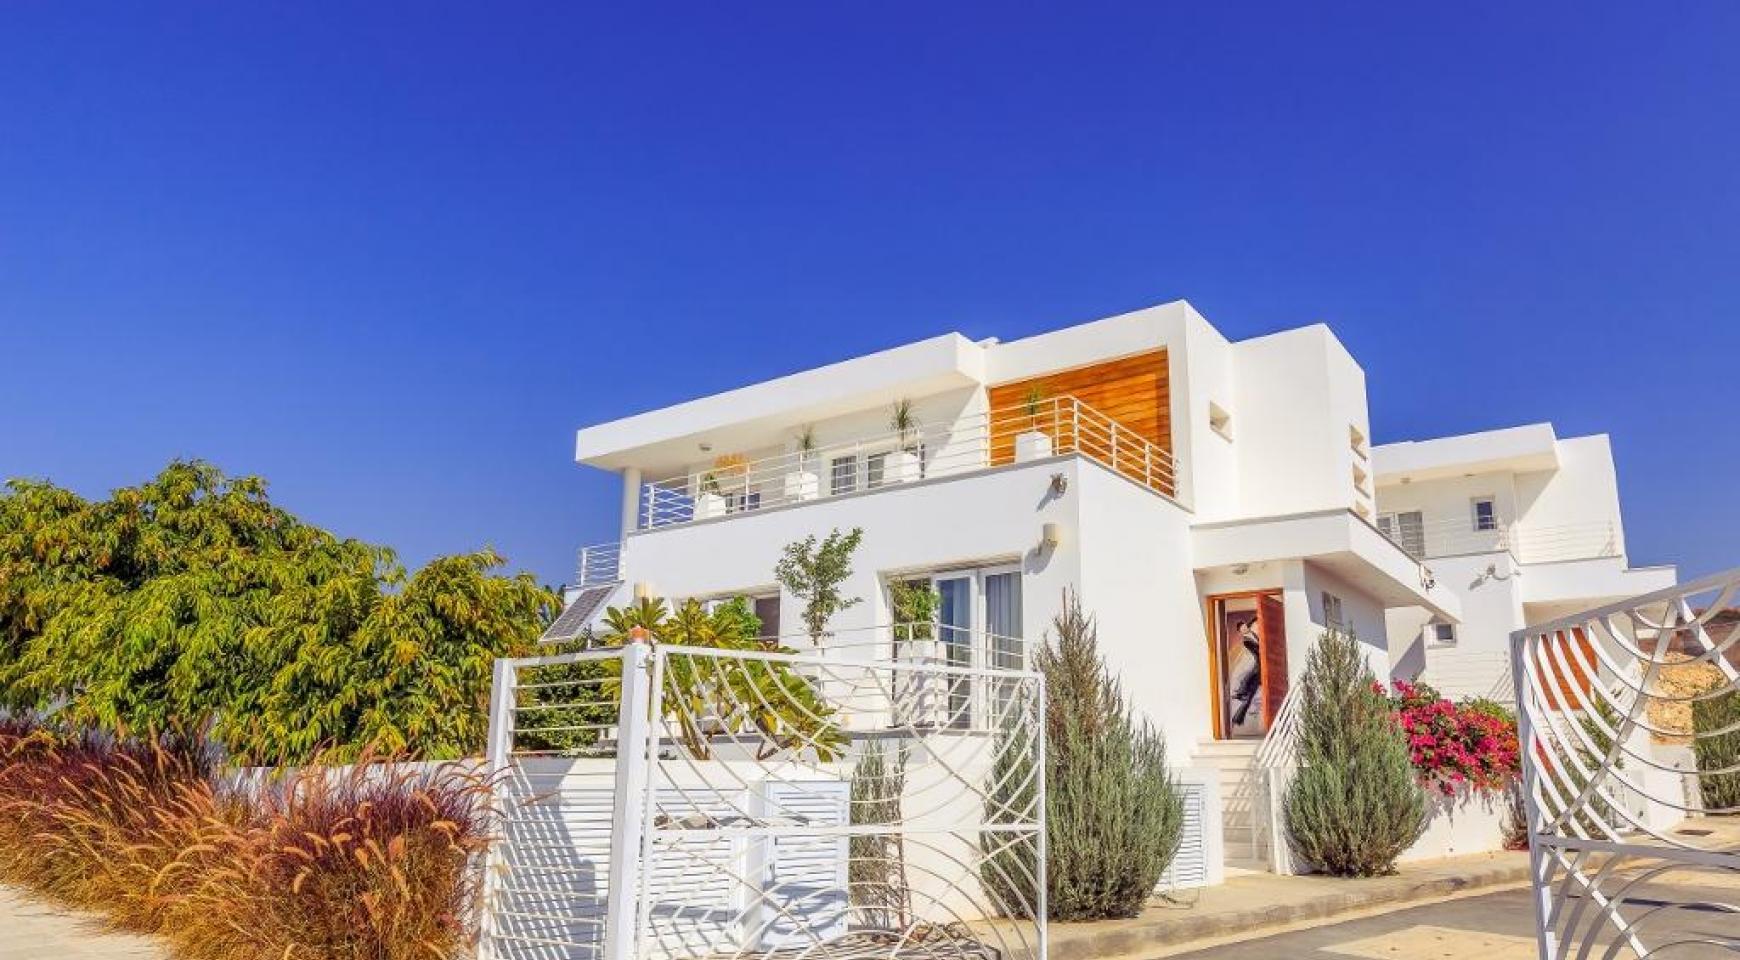 4 Bedroom Villa with Sea Views in Agios Tychonas - 4